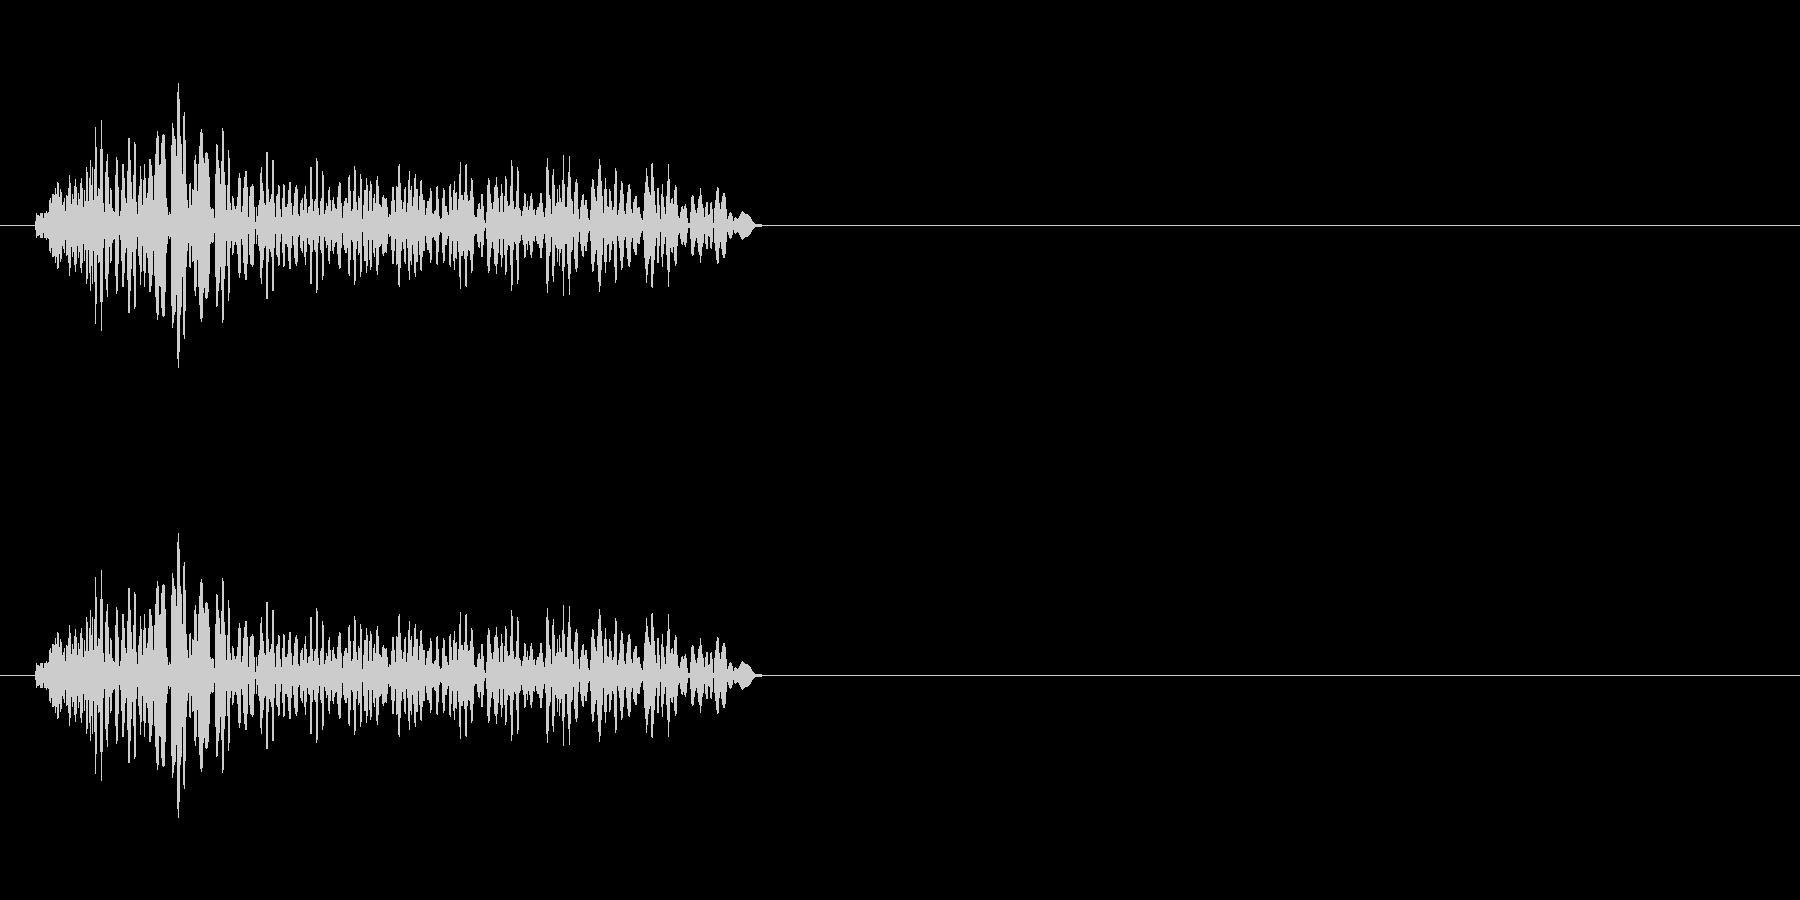 ボイス ぶるるるの未再生の波形